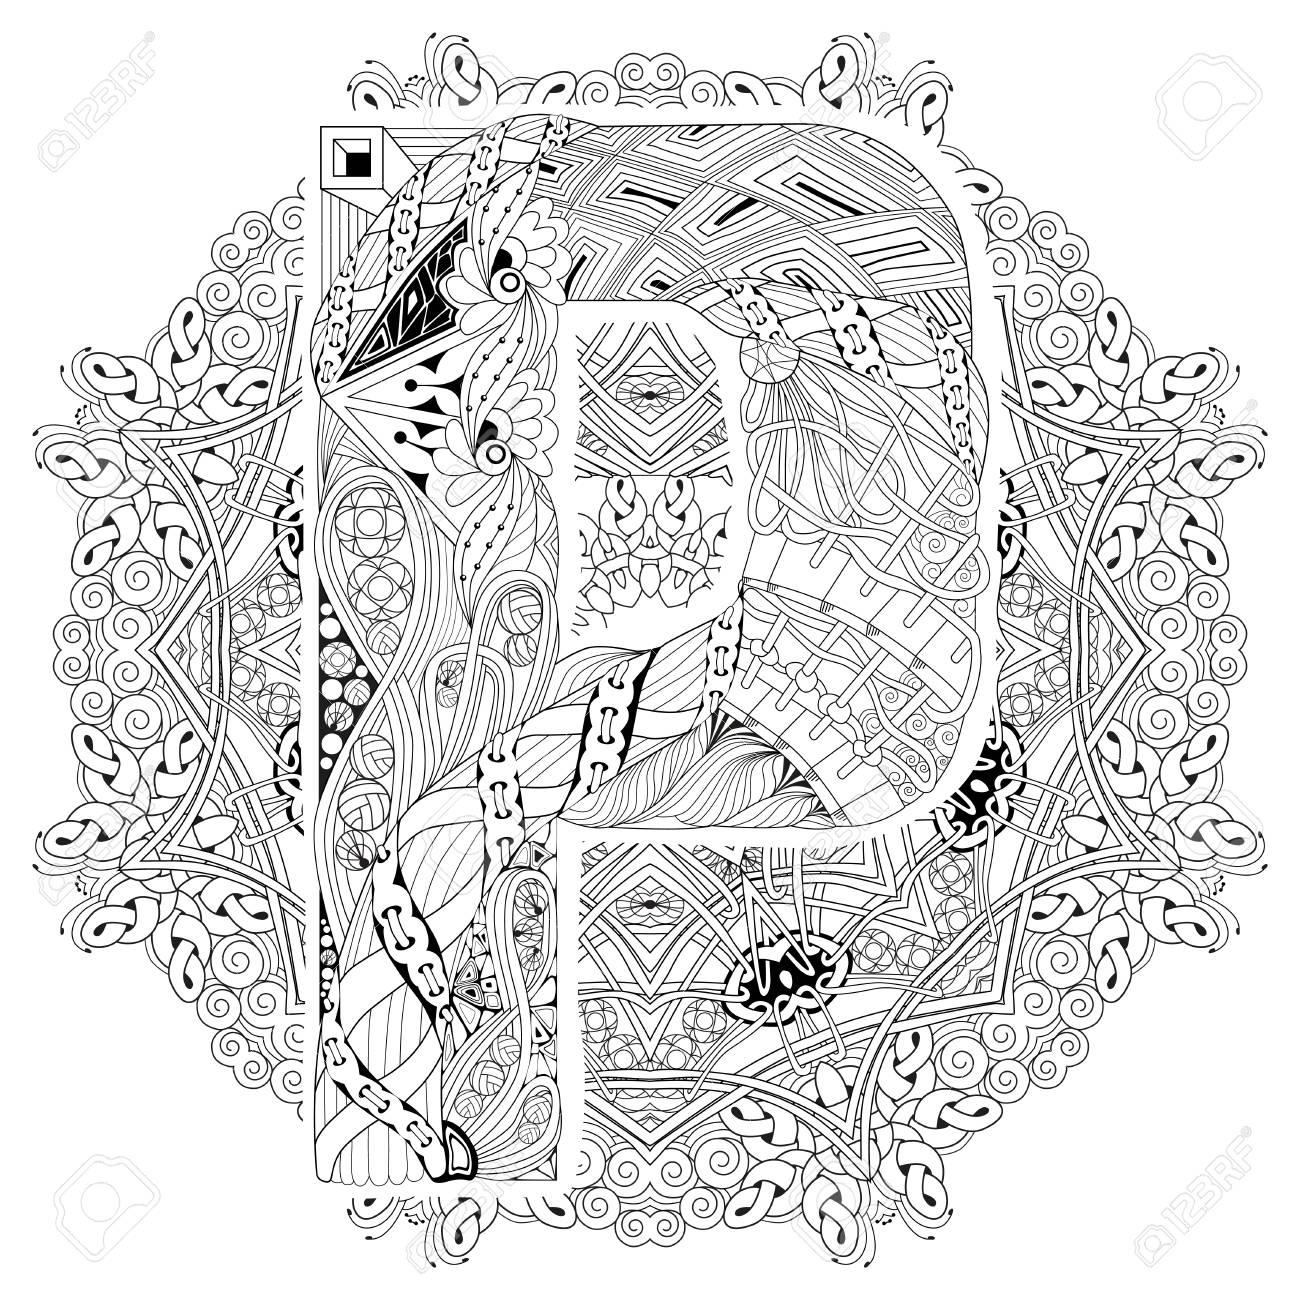 Design D Art Peint A La Main Coloriage Anti Stress Adulte Mandala Illustration Dessines A La Main Noir Et Blanc Avec Lettre P Pour Cahier De Coloriage Clip Art Libres De Droits Vecteurs